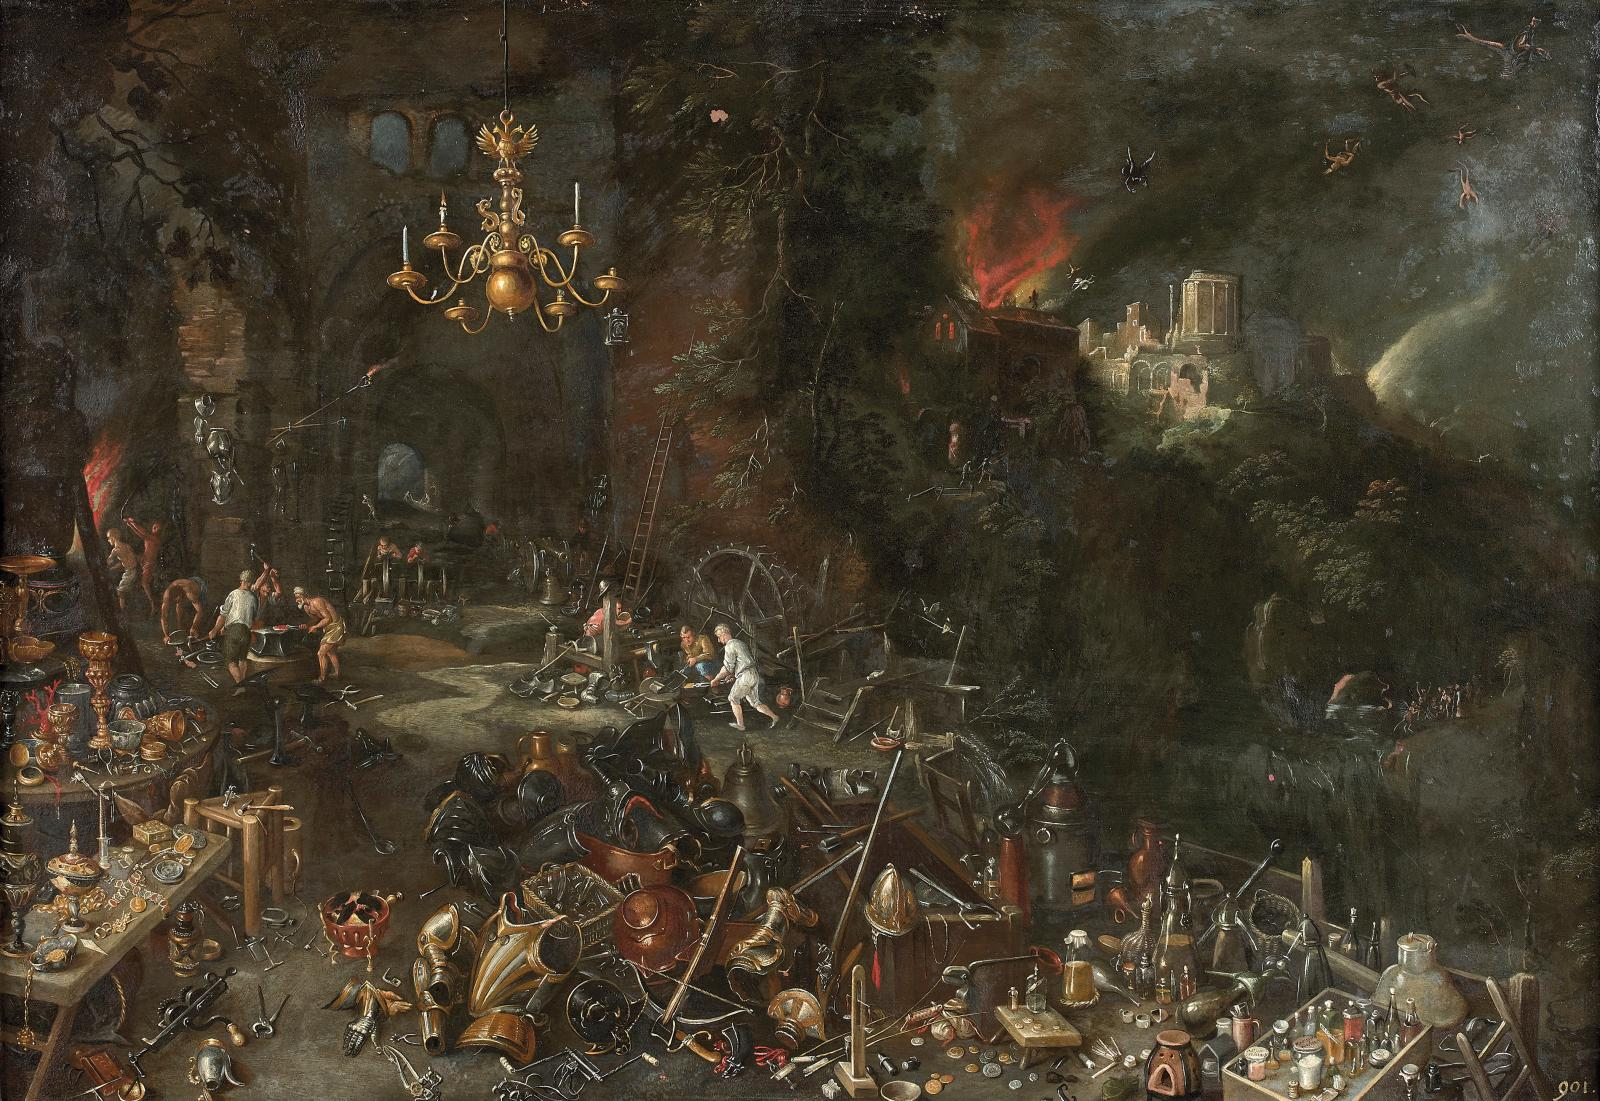 Le Feu, attribué à Jan II Bruegel, dit le Jeune, 45x67cm (détail).